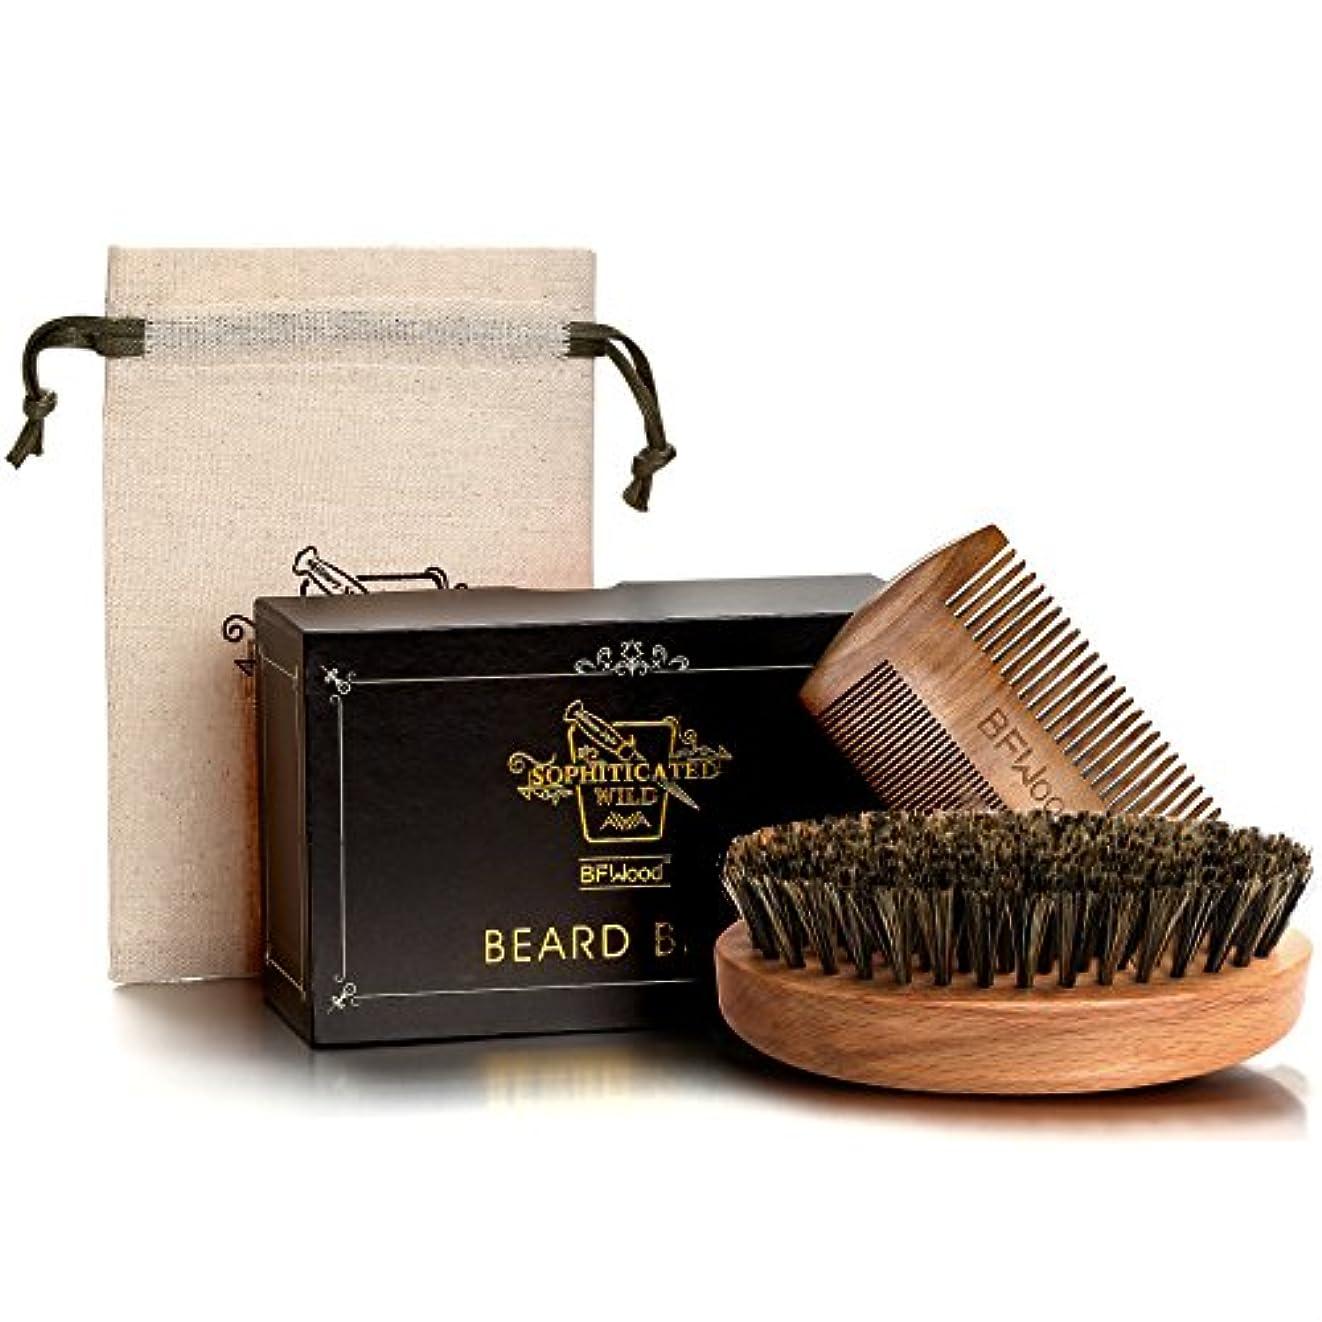 召集するシャーロットブロンテ表面BFWood Beard Brush Set 豚毛髭ブラシと木製コム アメリカミリタリースタイル (ブラシとコムセット)